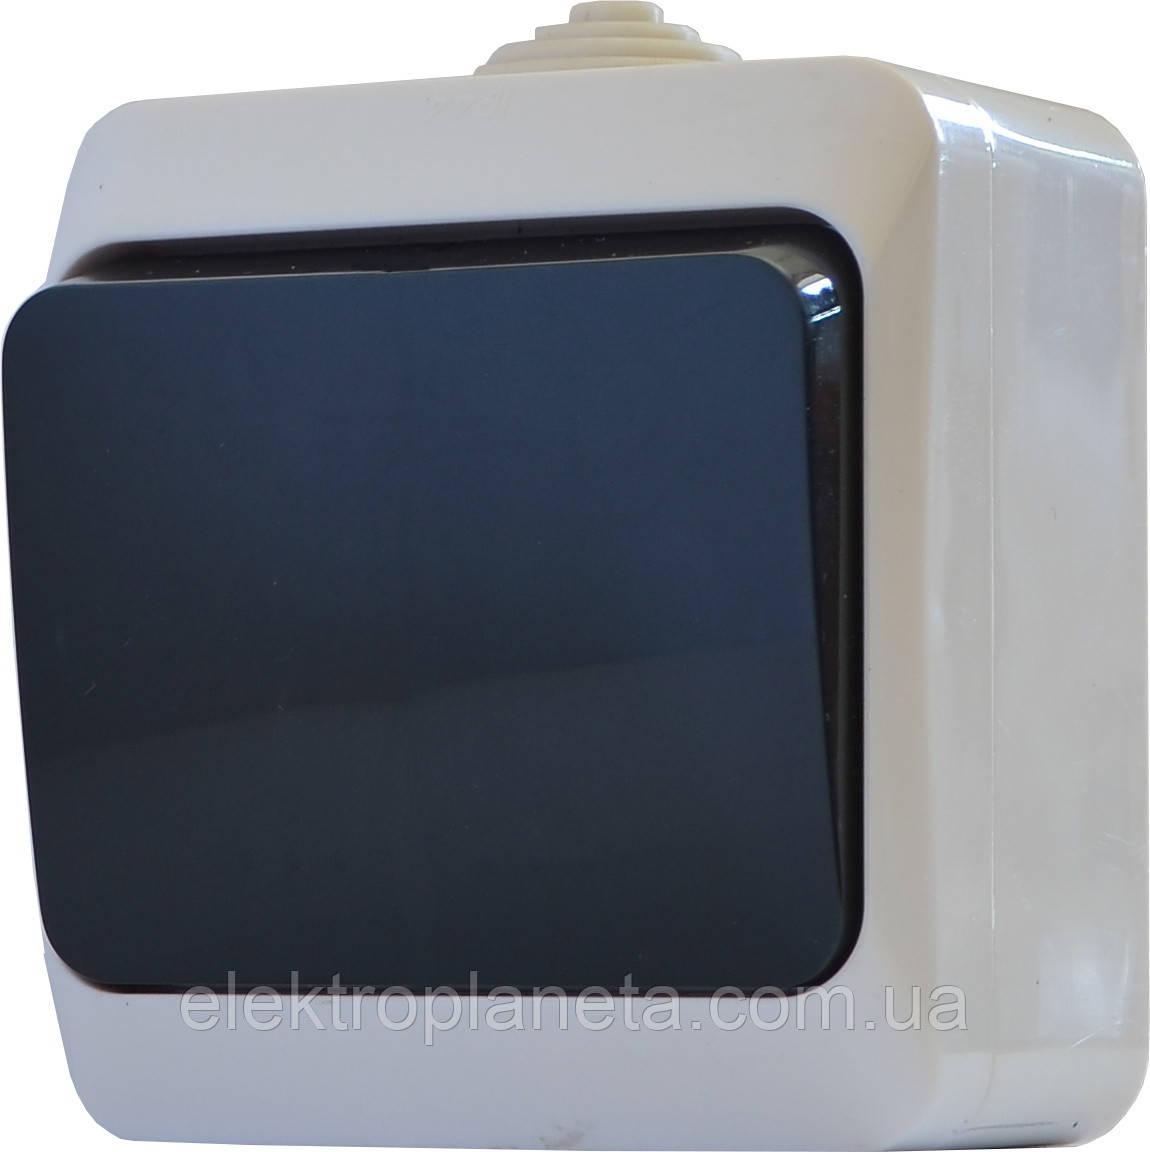 Вимикач одноклавішний (чорна клавіша) ВЗ10-1-IP44N